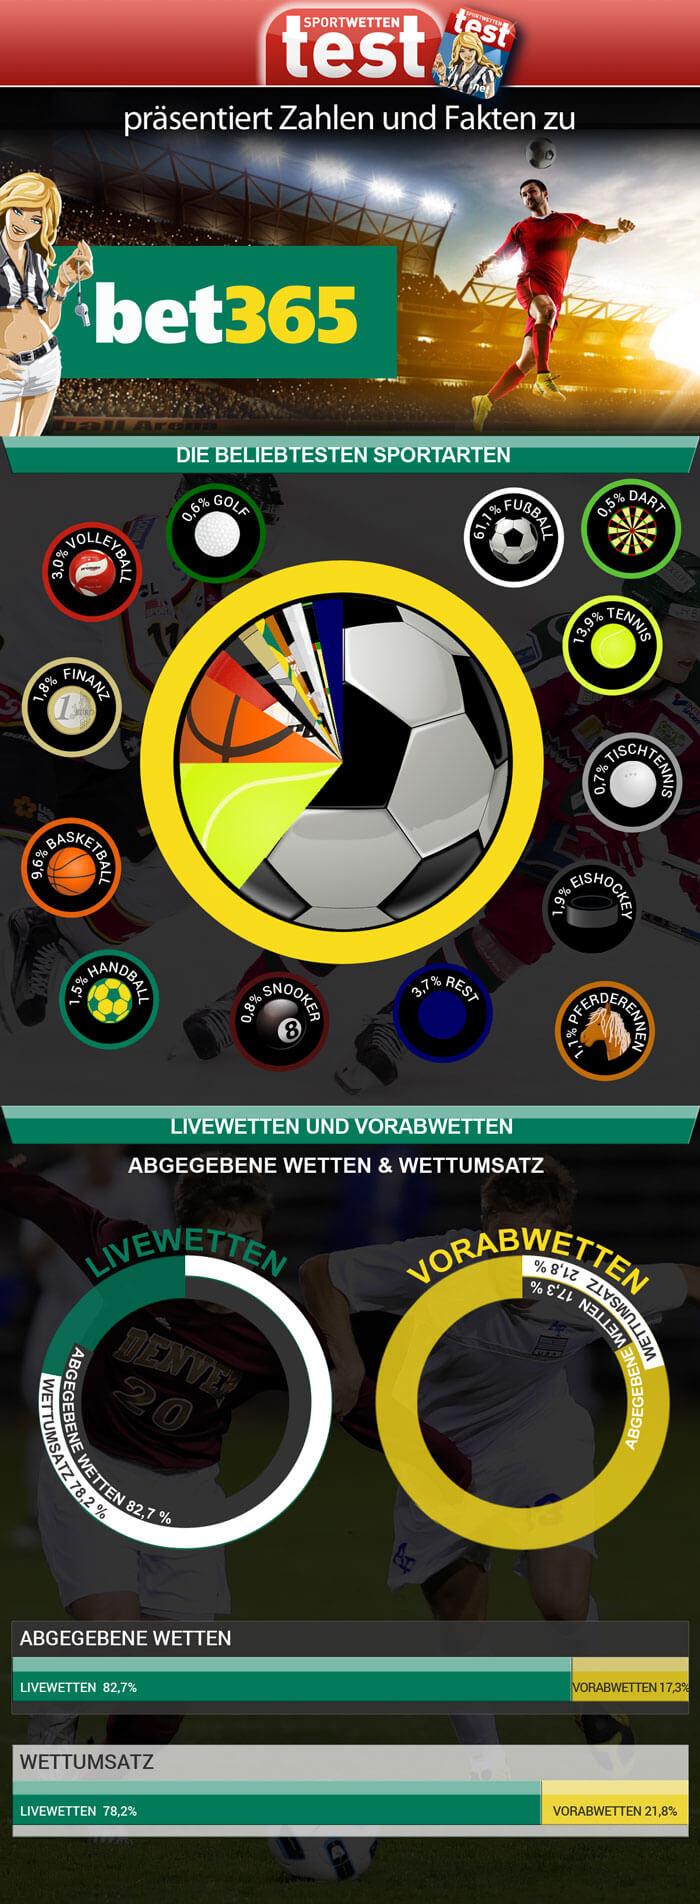 Infografik Zahlen Fakten Bet365 Sportwetten Test